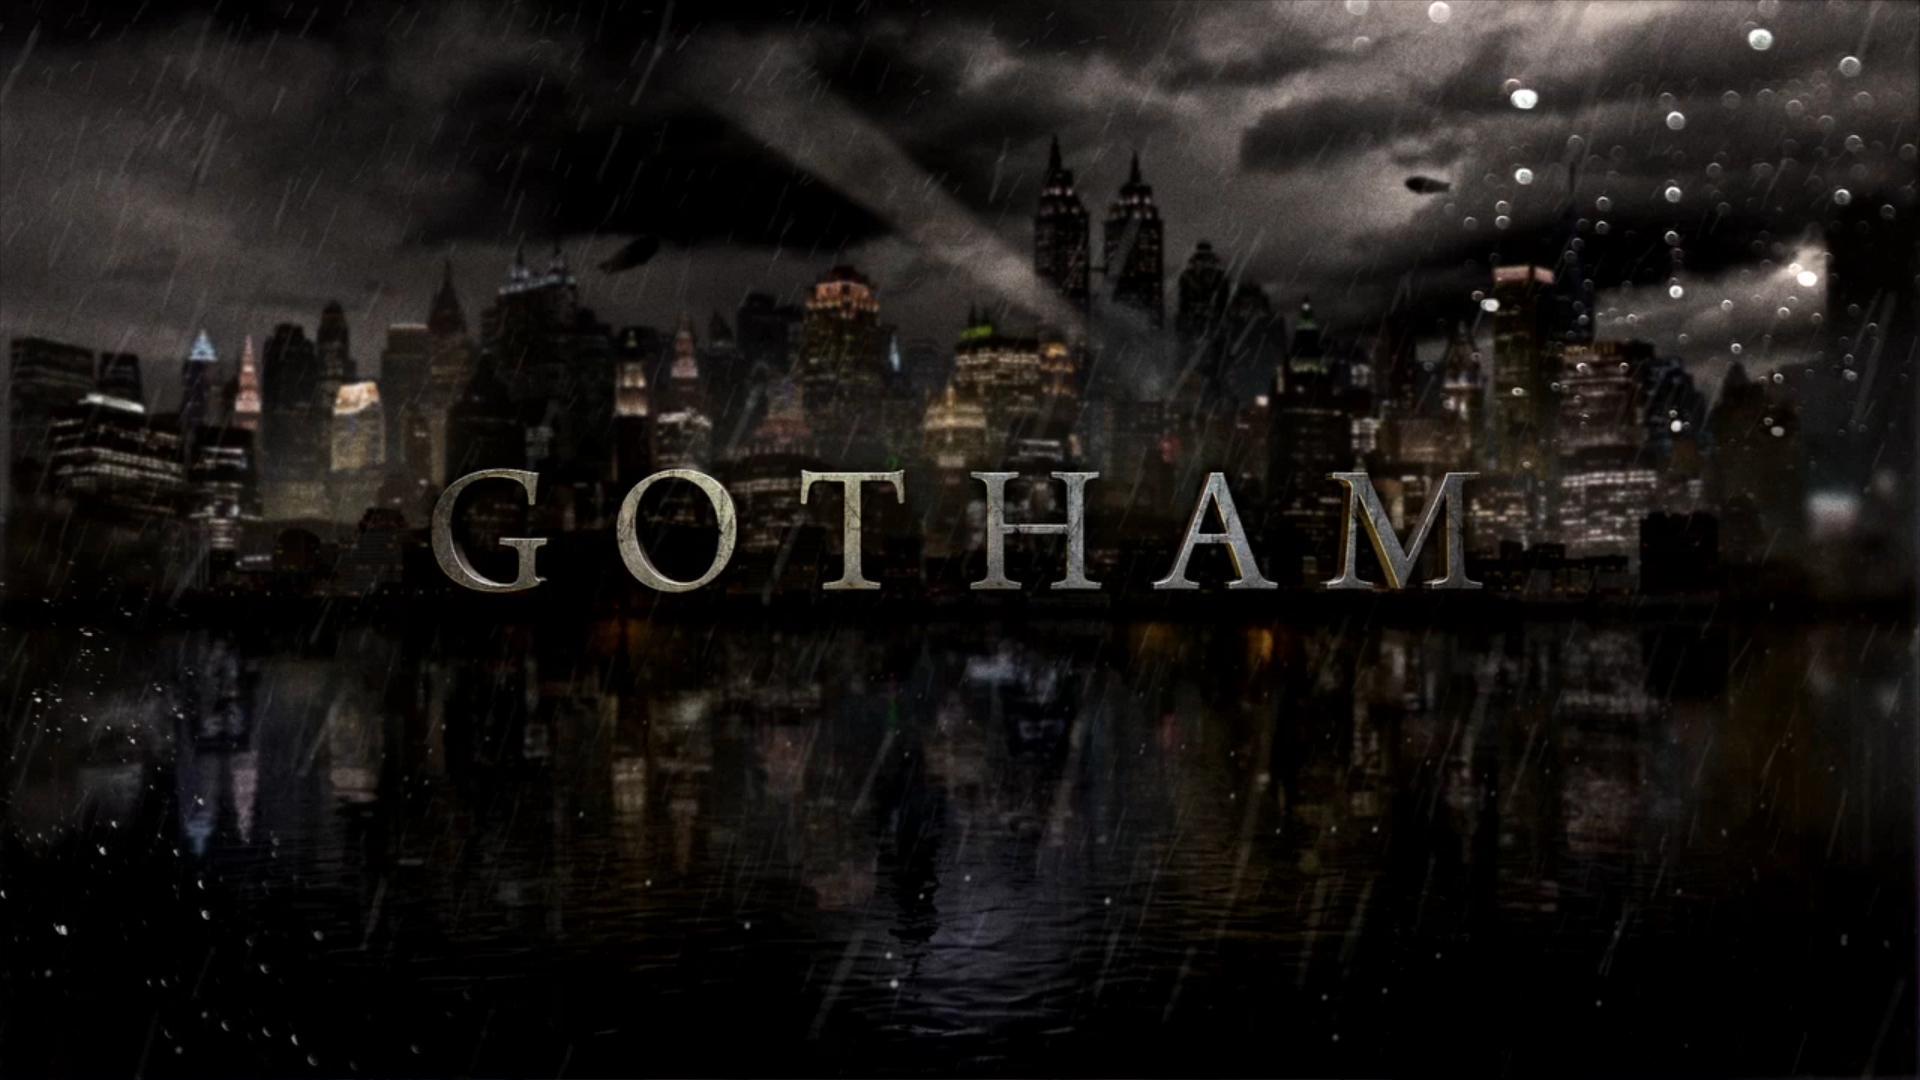 http://moarpowah.com/wp-content/uploads/2014/09/GothamTitle.jpg